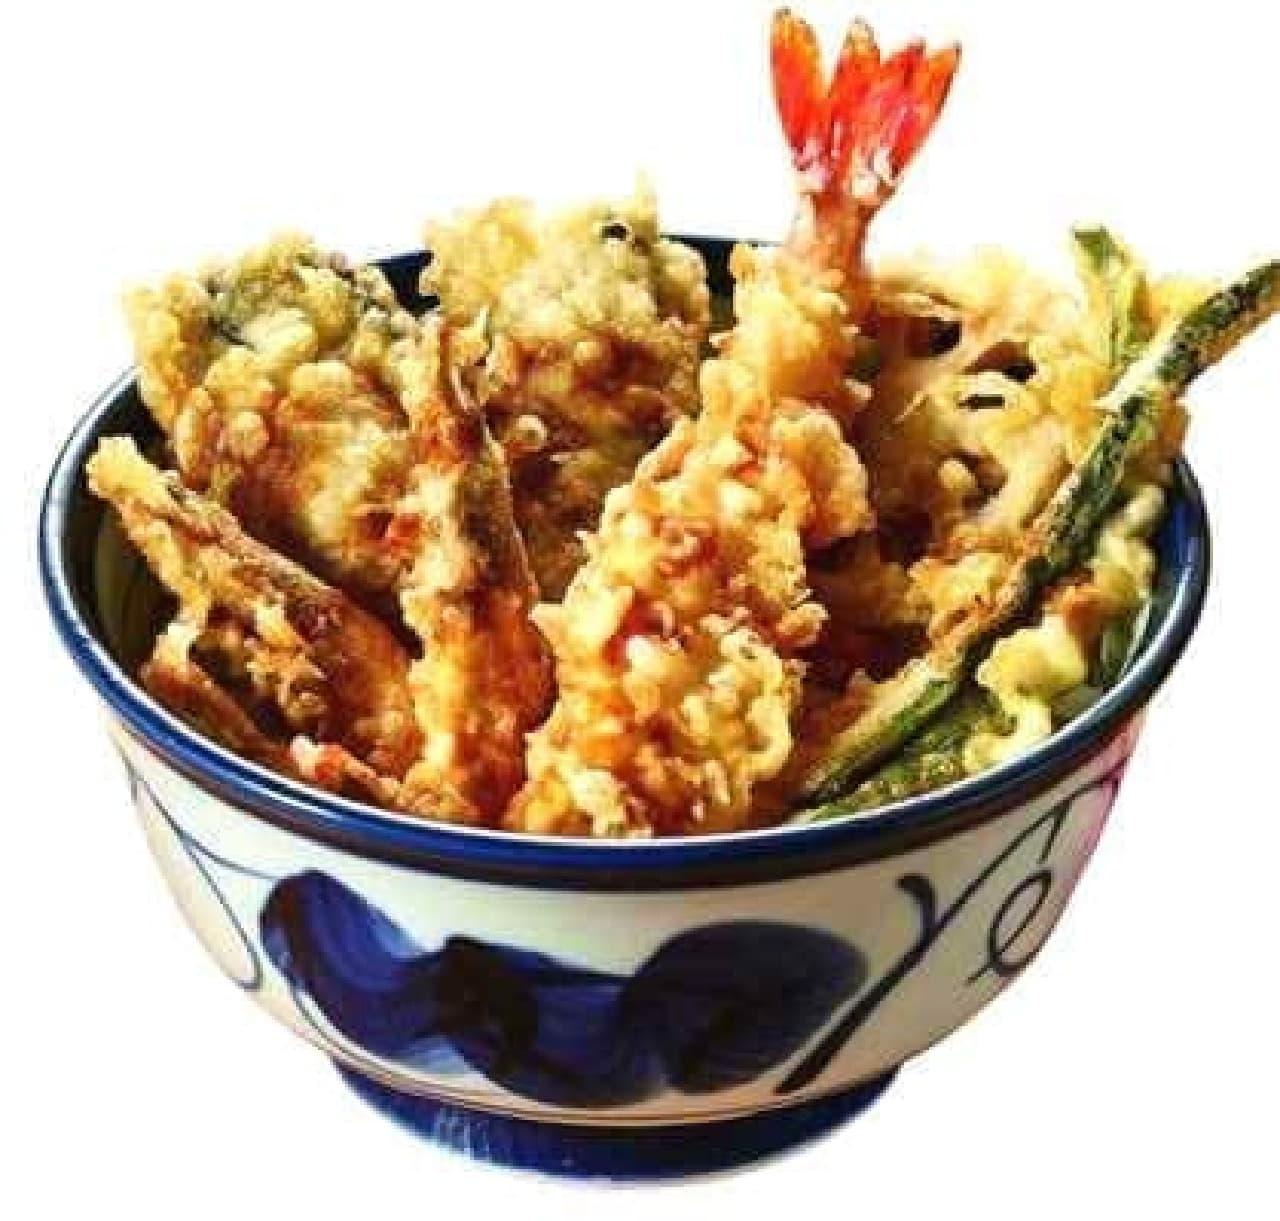 旬の牡蠣&芝海老天丼が登場!